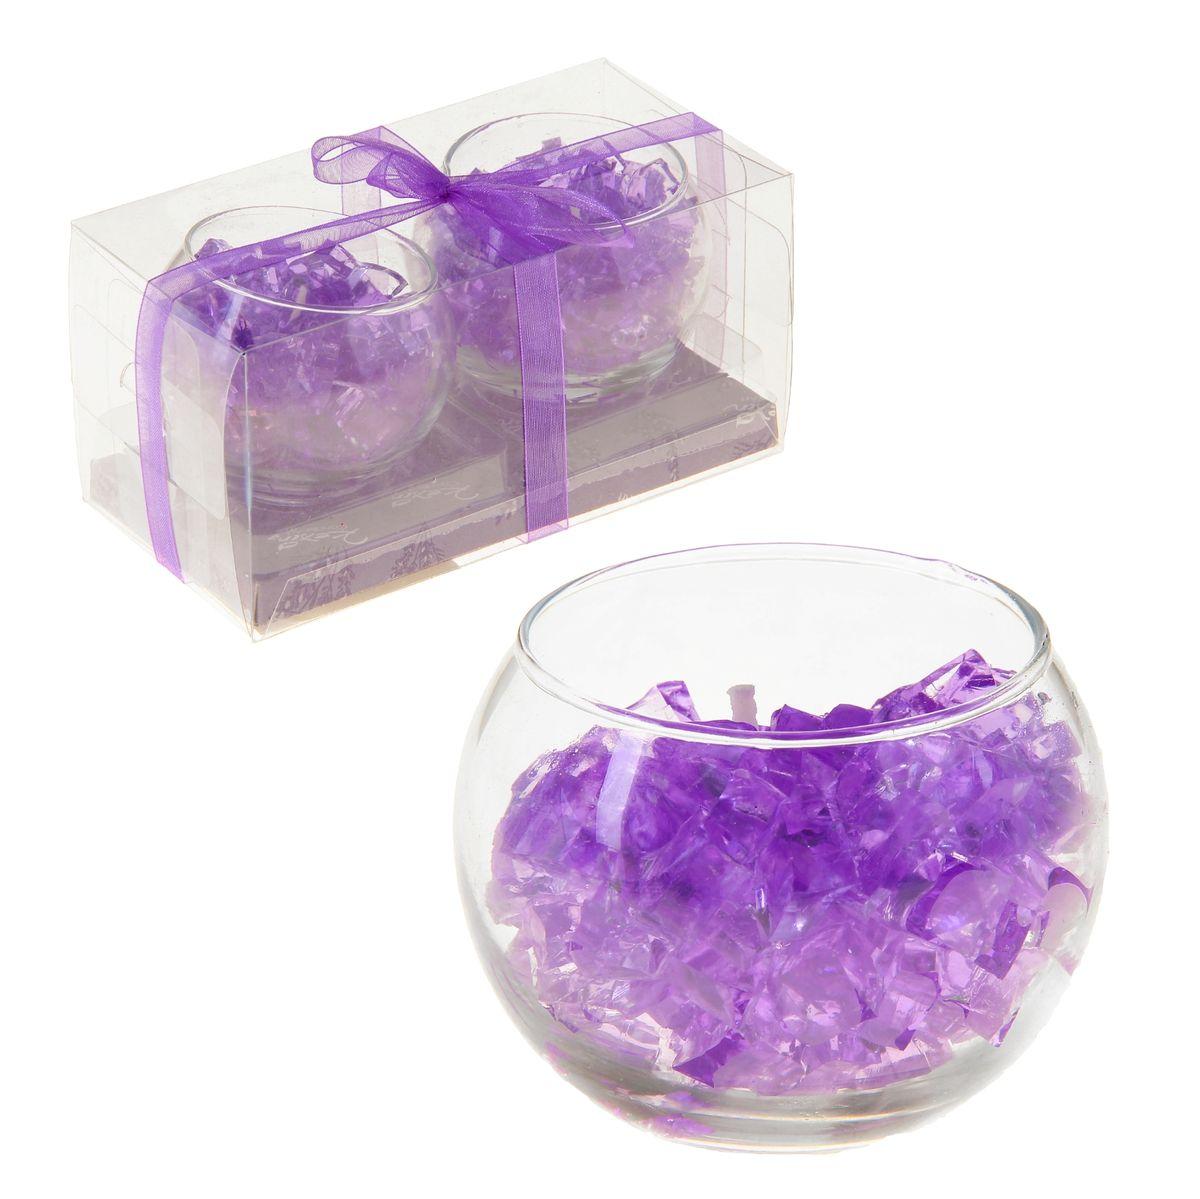 Набор свечей Sima-land Мармелад, цвет: фиолетовый, 2 шт895601Набор Sima-land Мармелад, выполненный из геля, состоит из двух декоративных свечей. Свечи расположены в стеклянных бокалах. Изделия порадуют вас своим дизайном. Такой набор может стать отличным подарком или дополнить интерьер вашей комнаты.